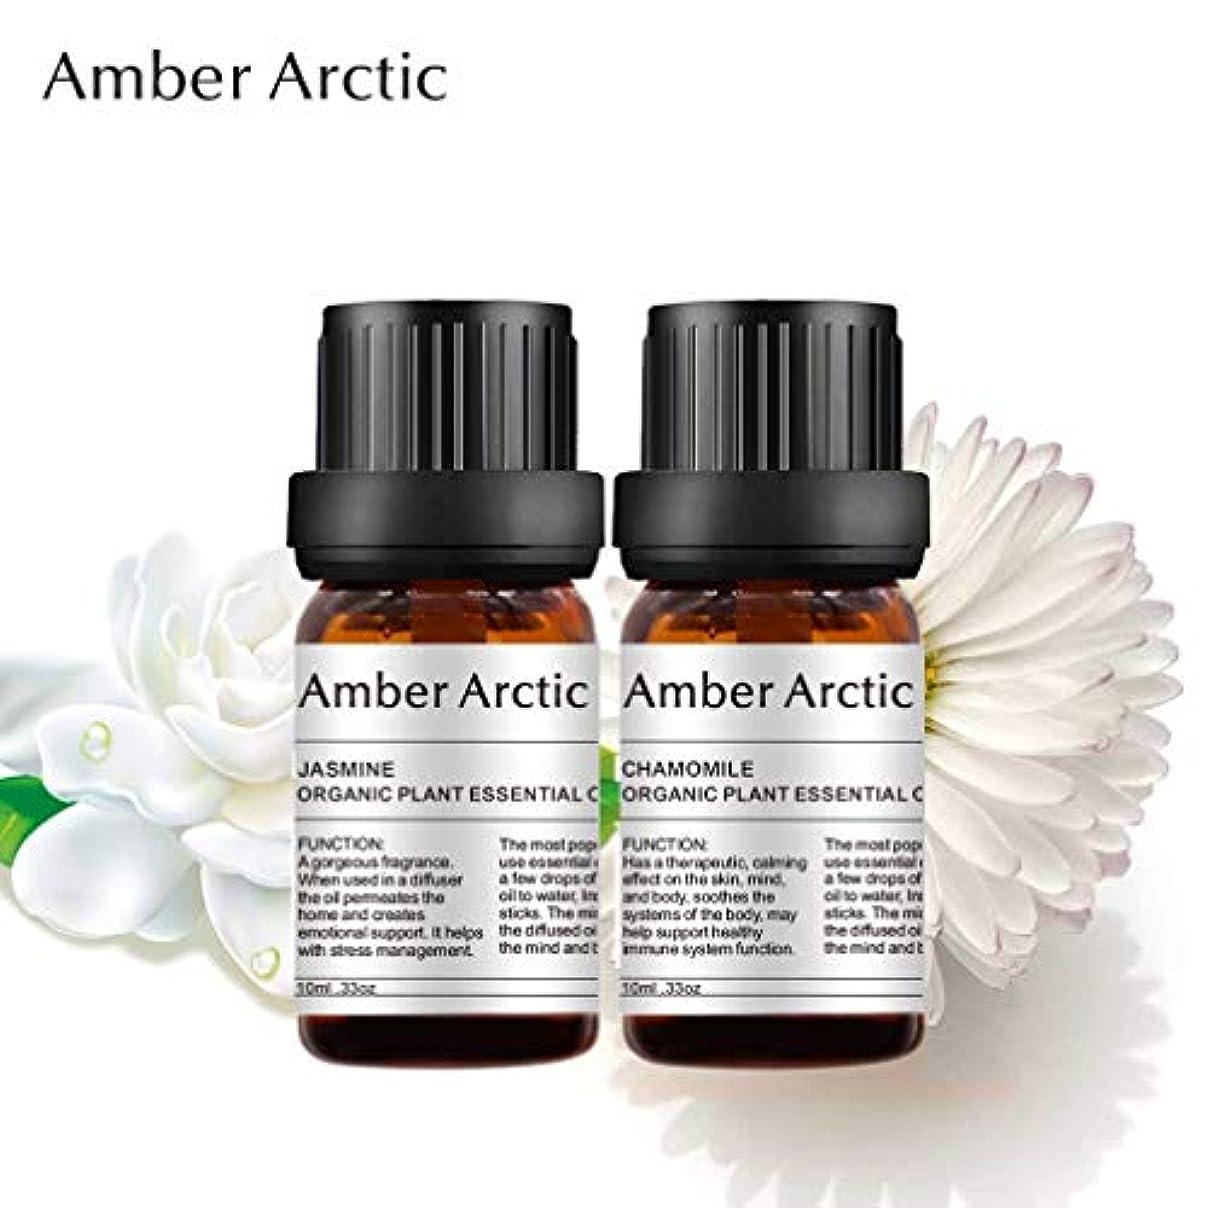 動インポート法律によりAmber Arctic カモミール ジャスミン 精油 セット、 ディフューザ 2×10 ミリリットル 100% 純粋 天然 アロマ エッセンシャル オイル